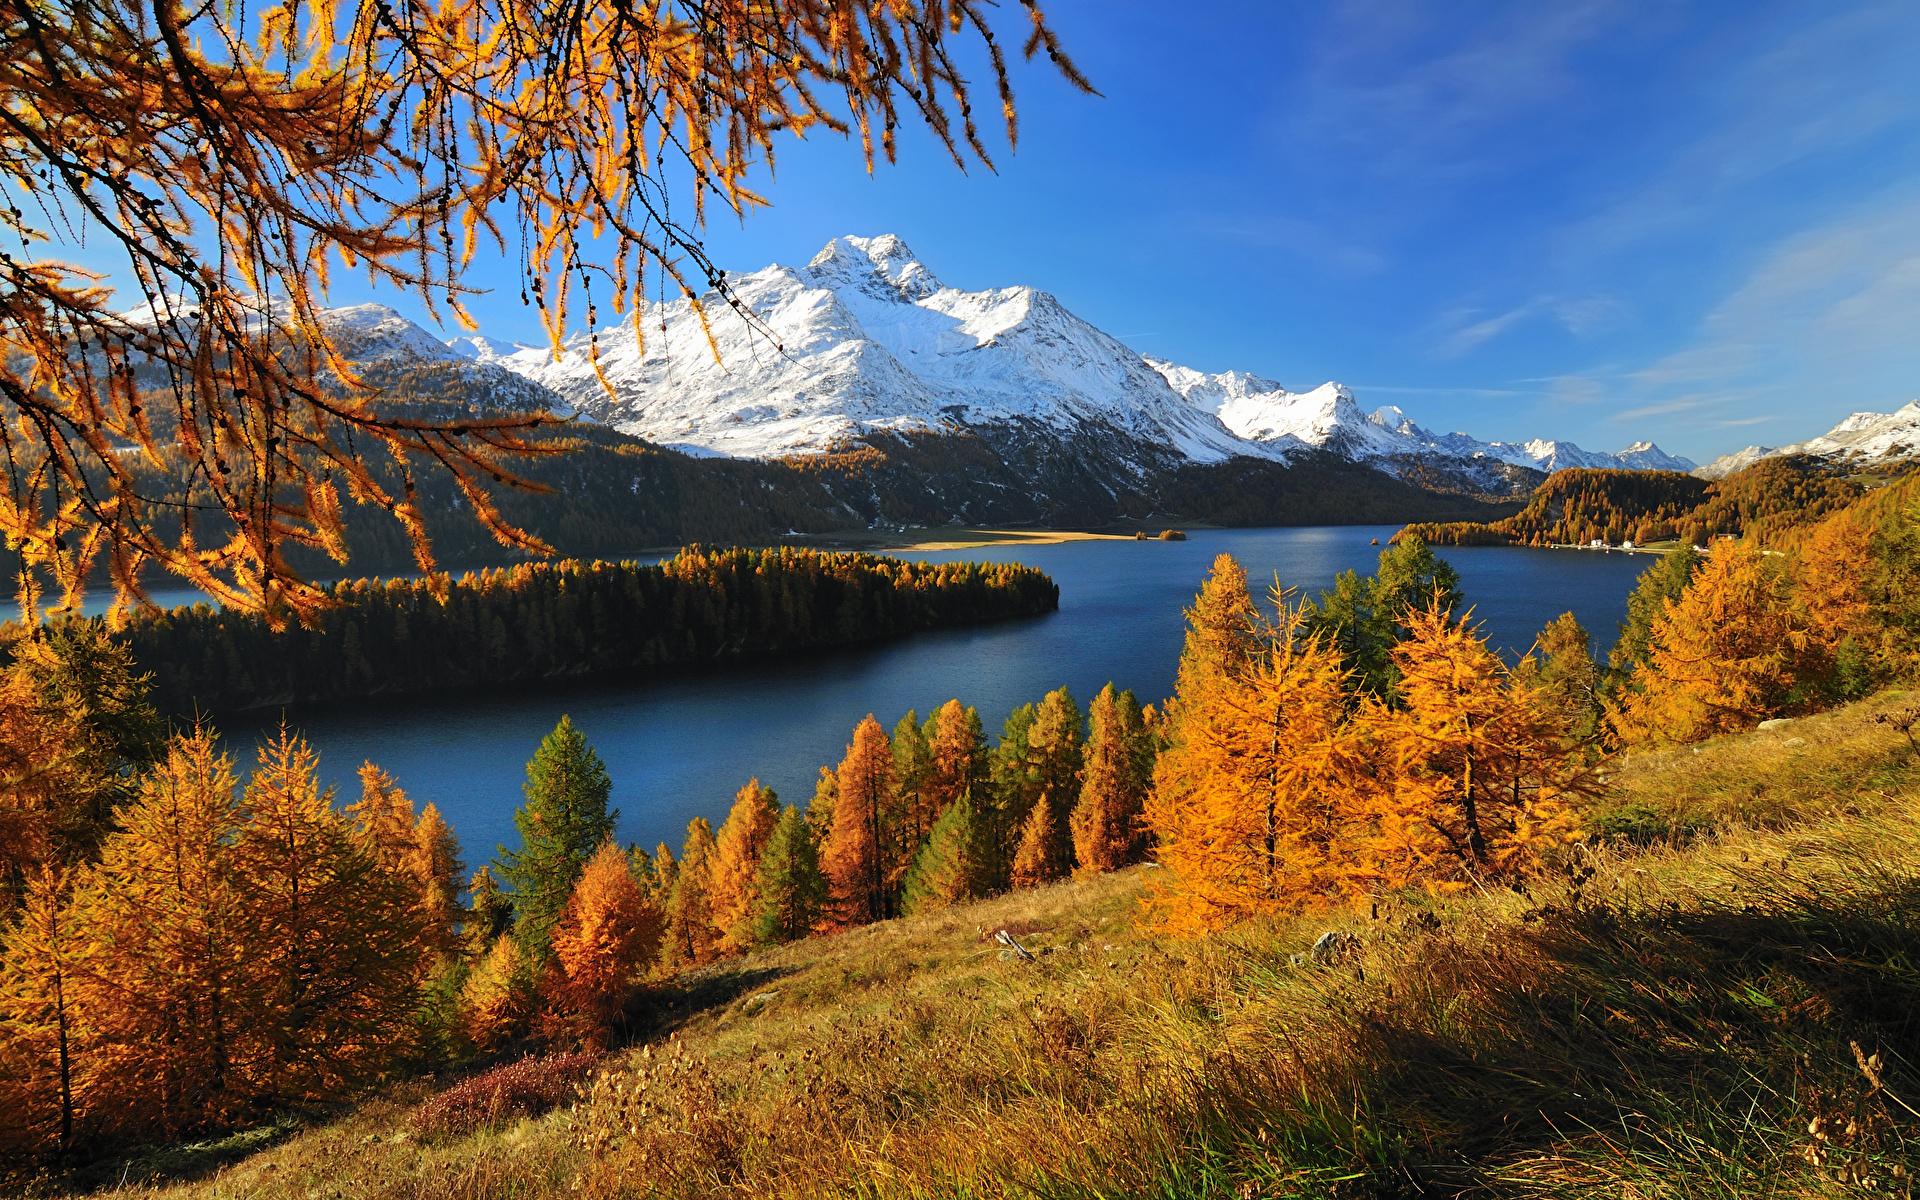 壁紙 19x10 風景写真 スイス 湖 山 季節 秋 Silsersee 木 草 自然 ダウンロード 写真